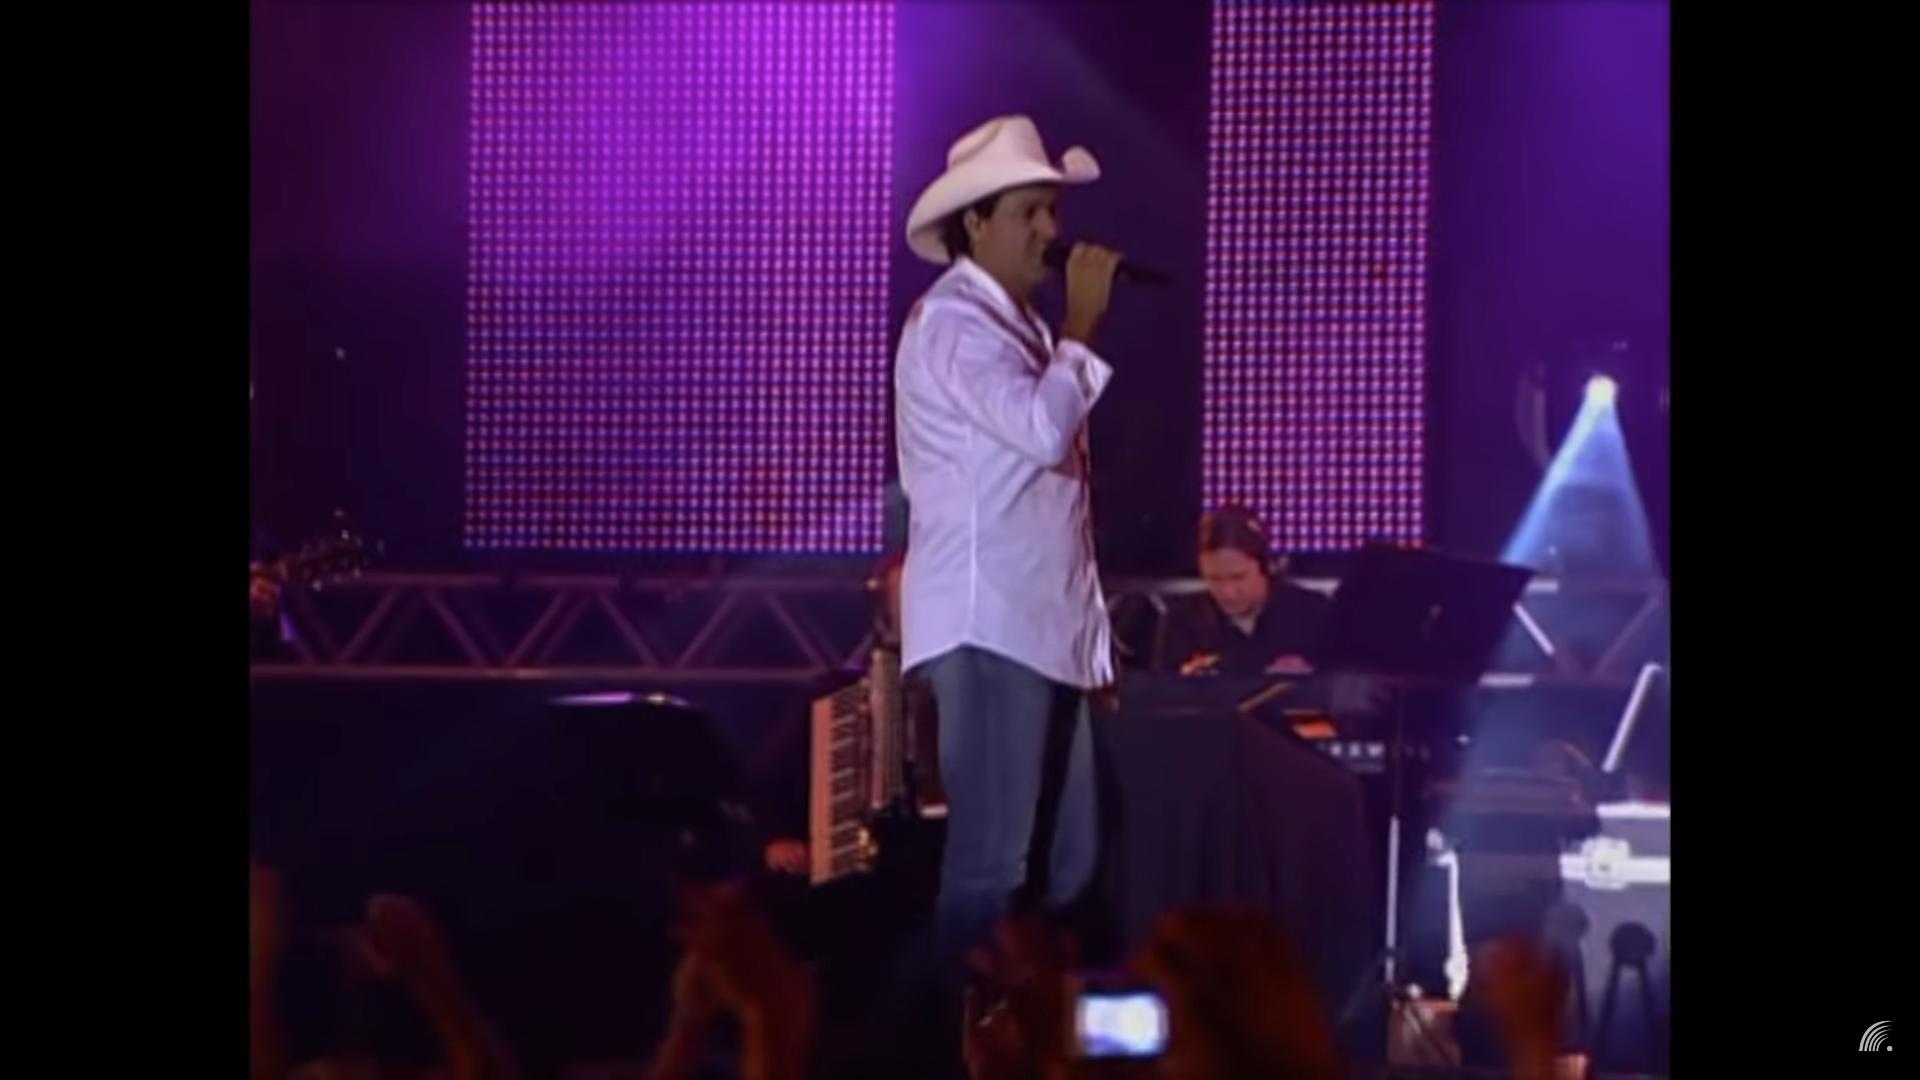 Brésil: un chanteur meurt d'un infarctus en plein concert